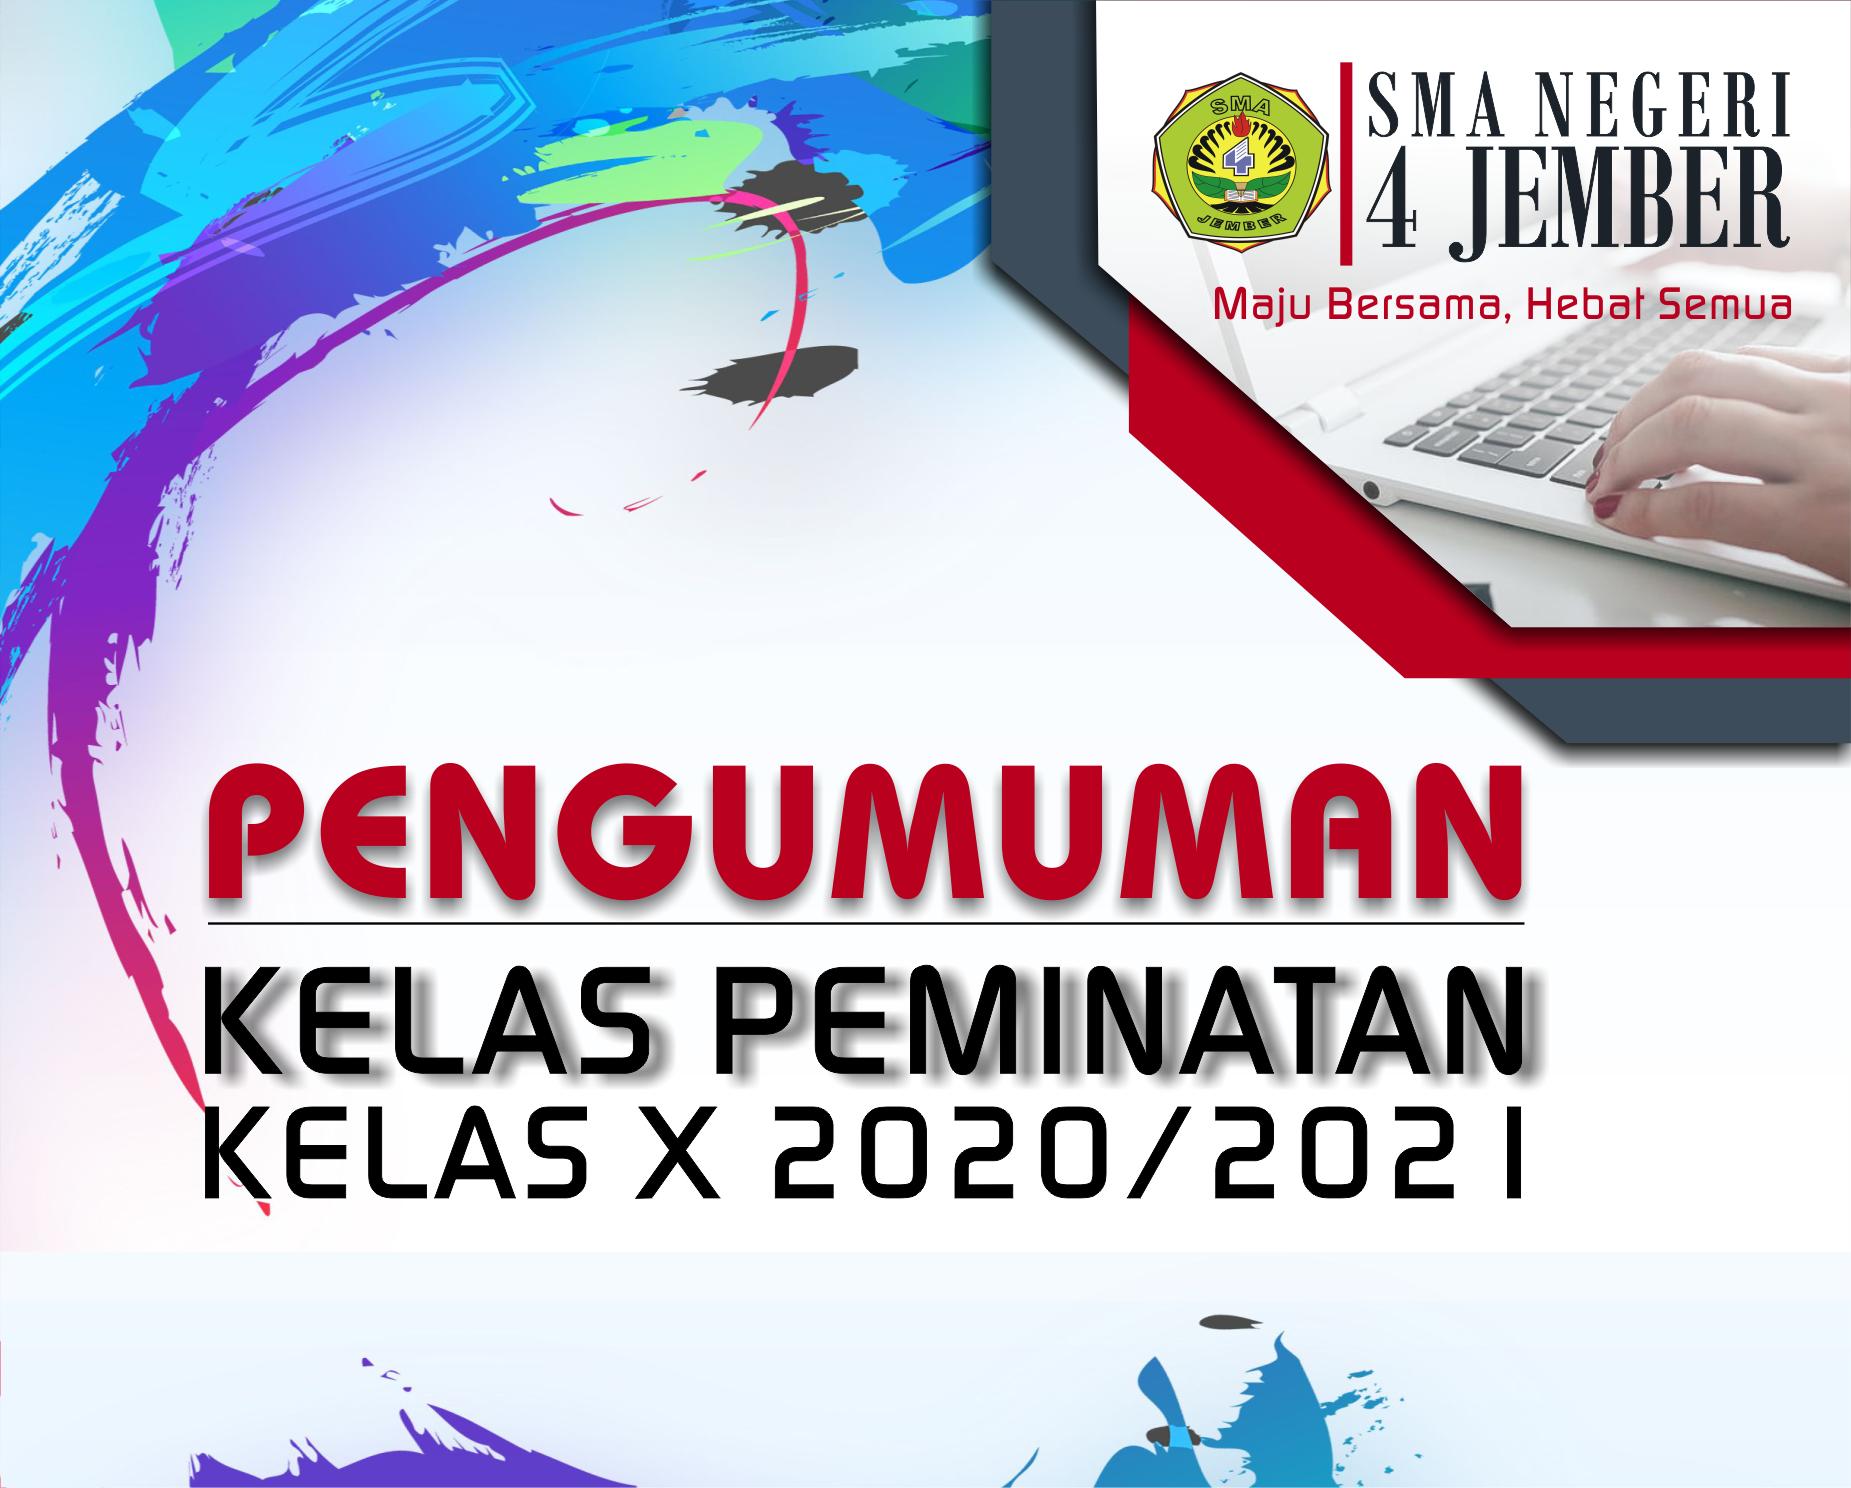 Pengumuman Penetapan Peminatan Kelas X Tahun 2020/2021